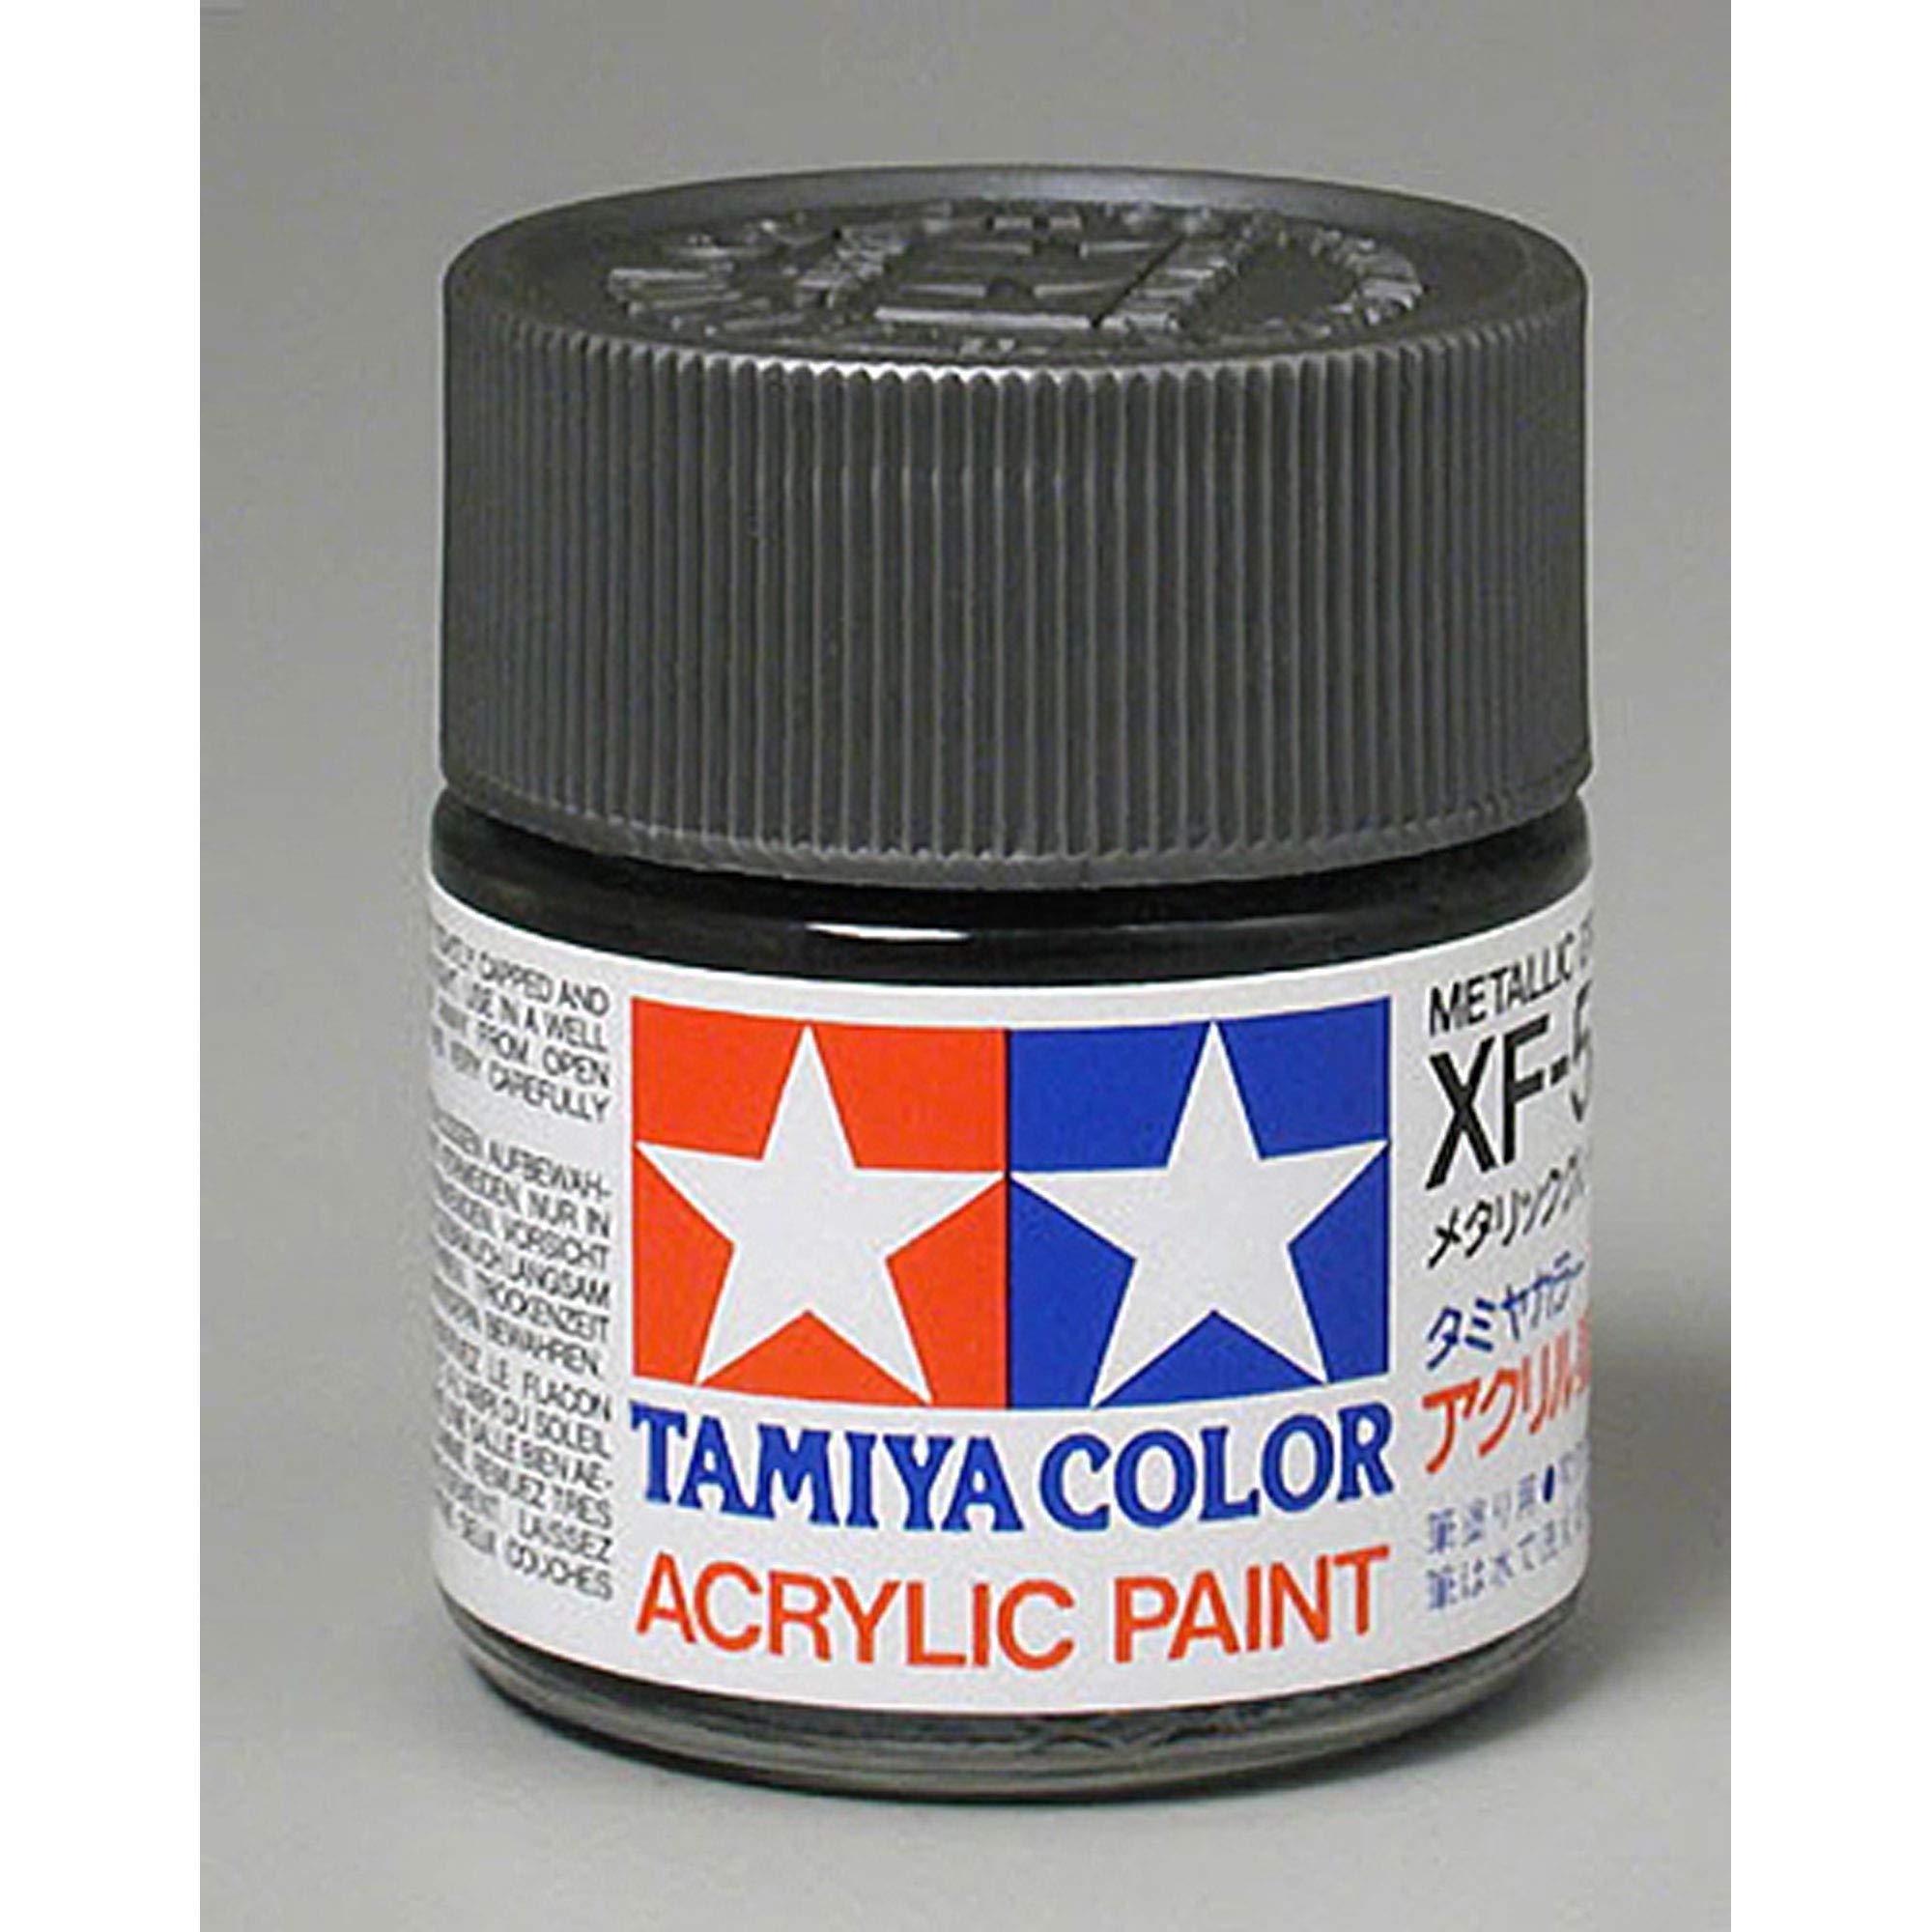 Tamiya Acrylic XF56, Flat Metal Gray TAM81356